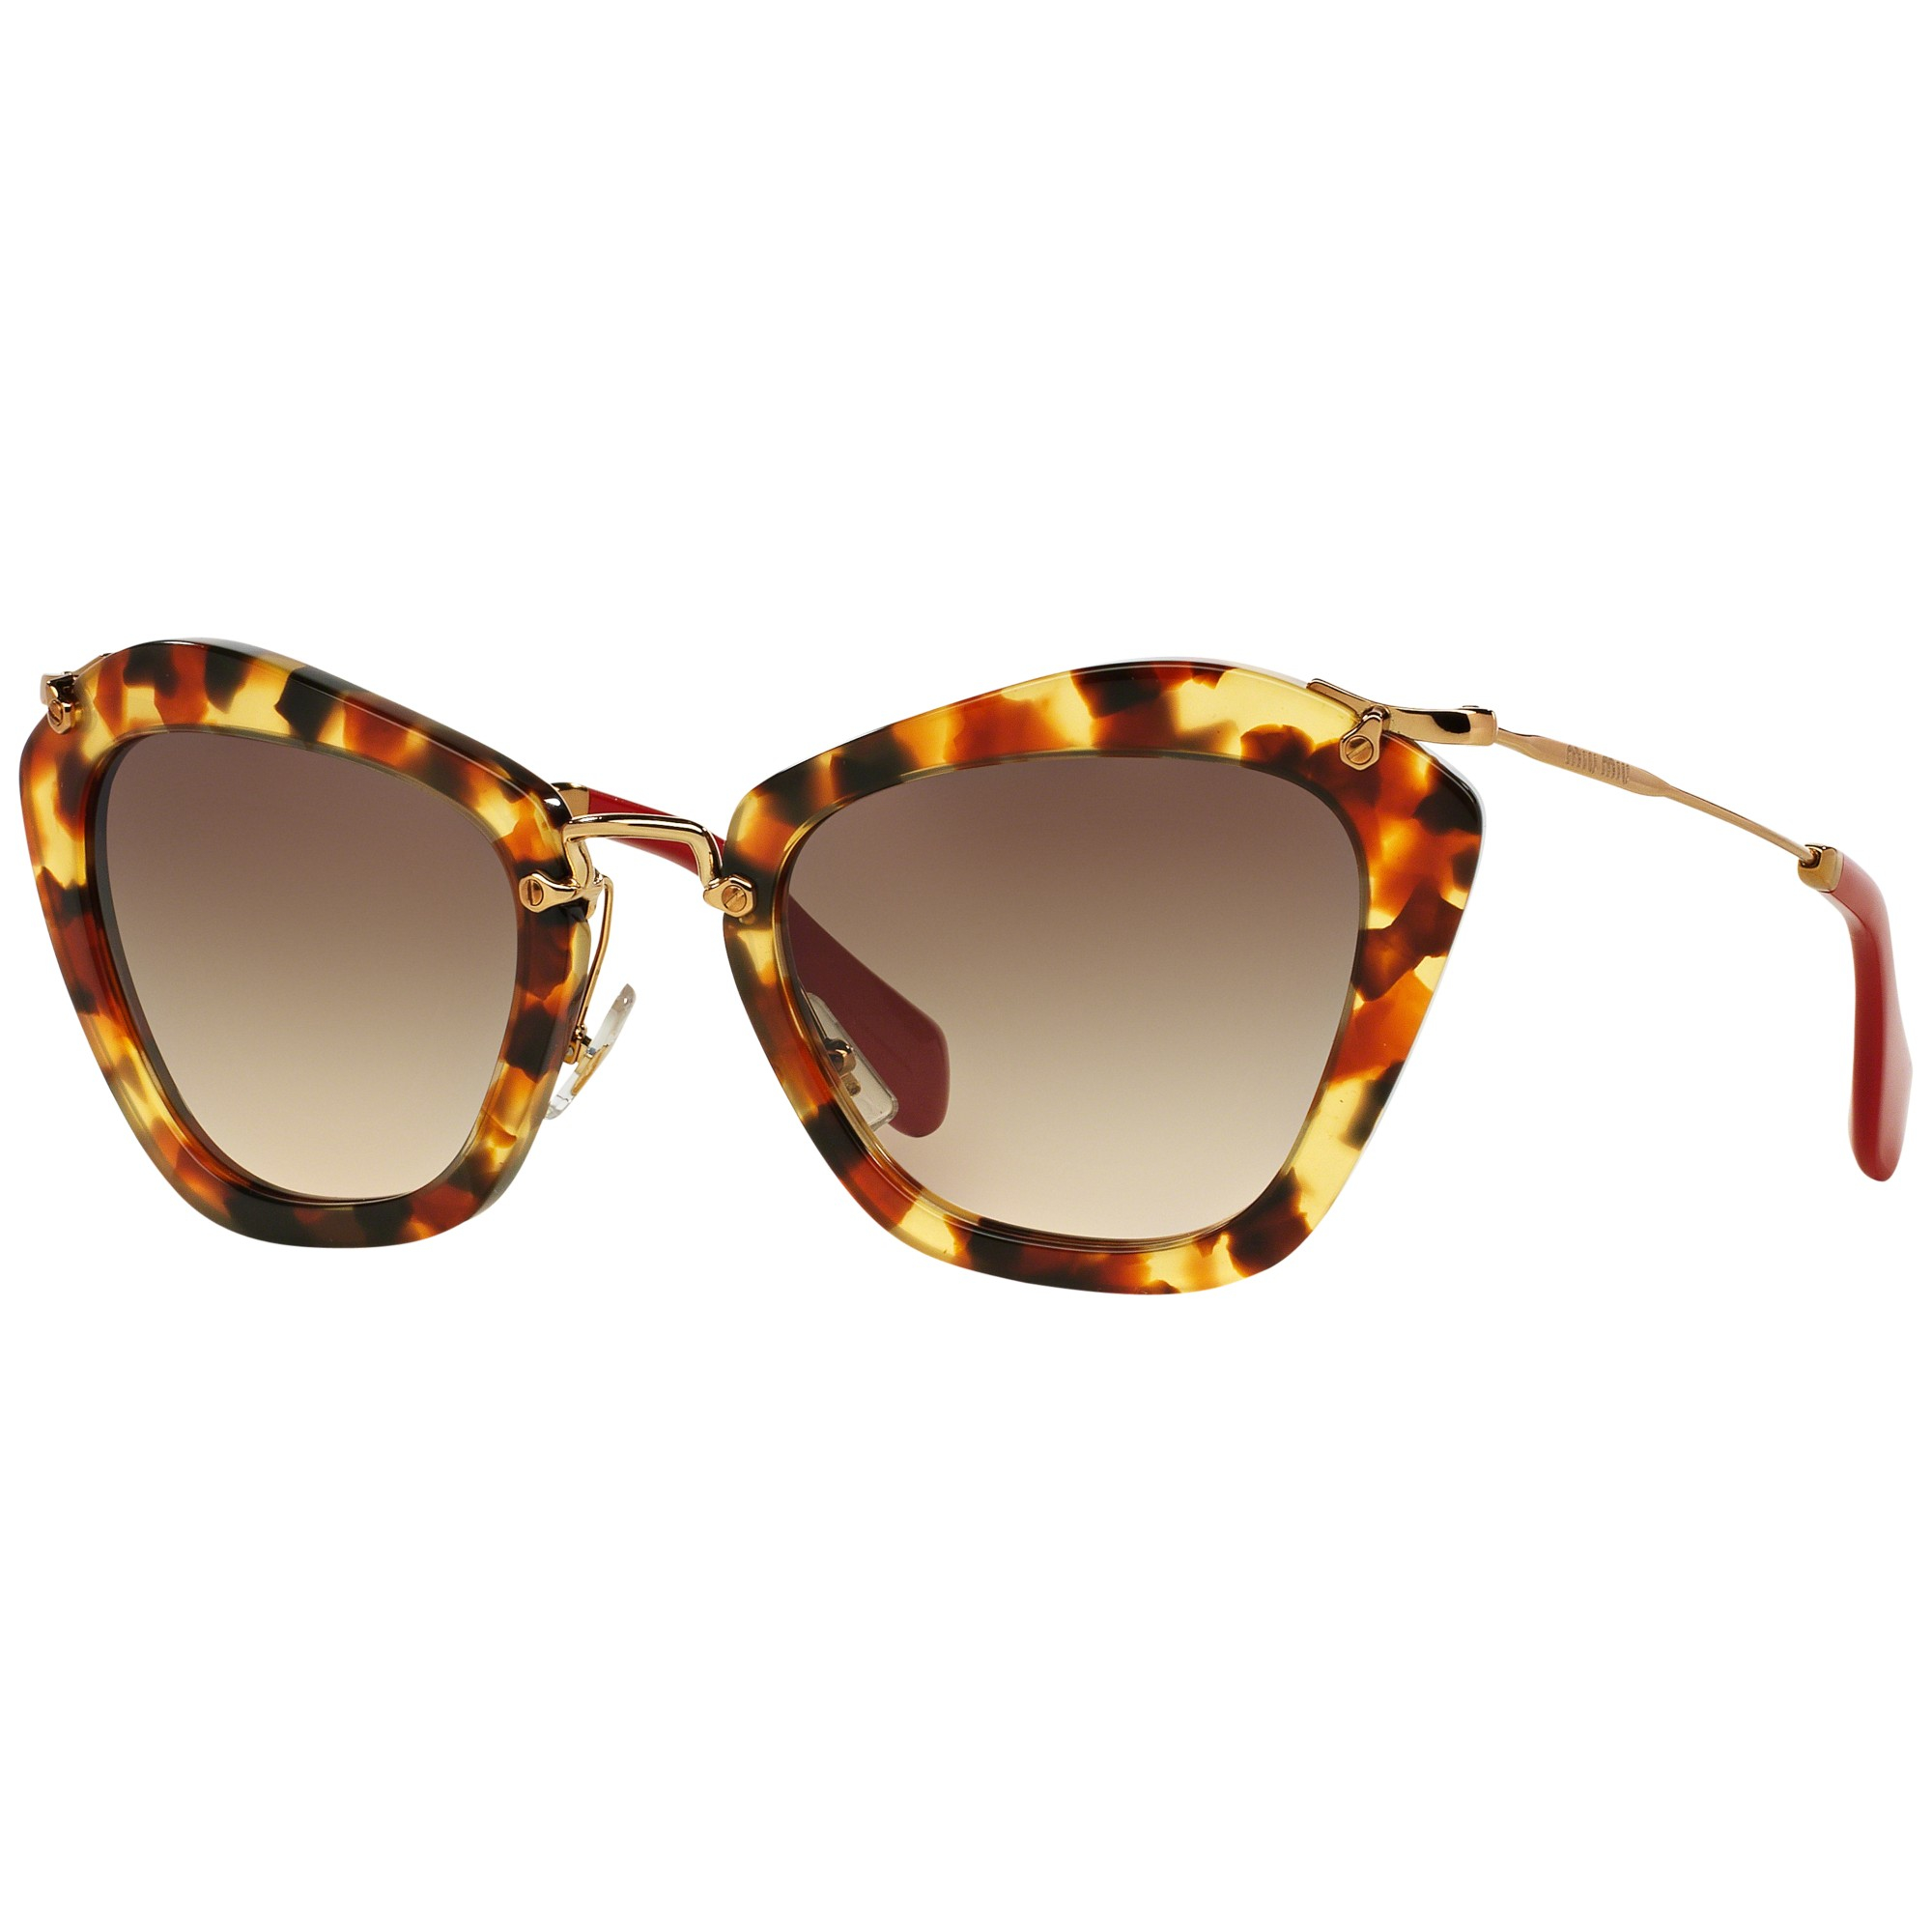 9094a1f35911 Miu Miu Mu10ns Cat s Eye Sunglasses - Lyst